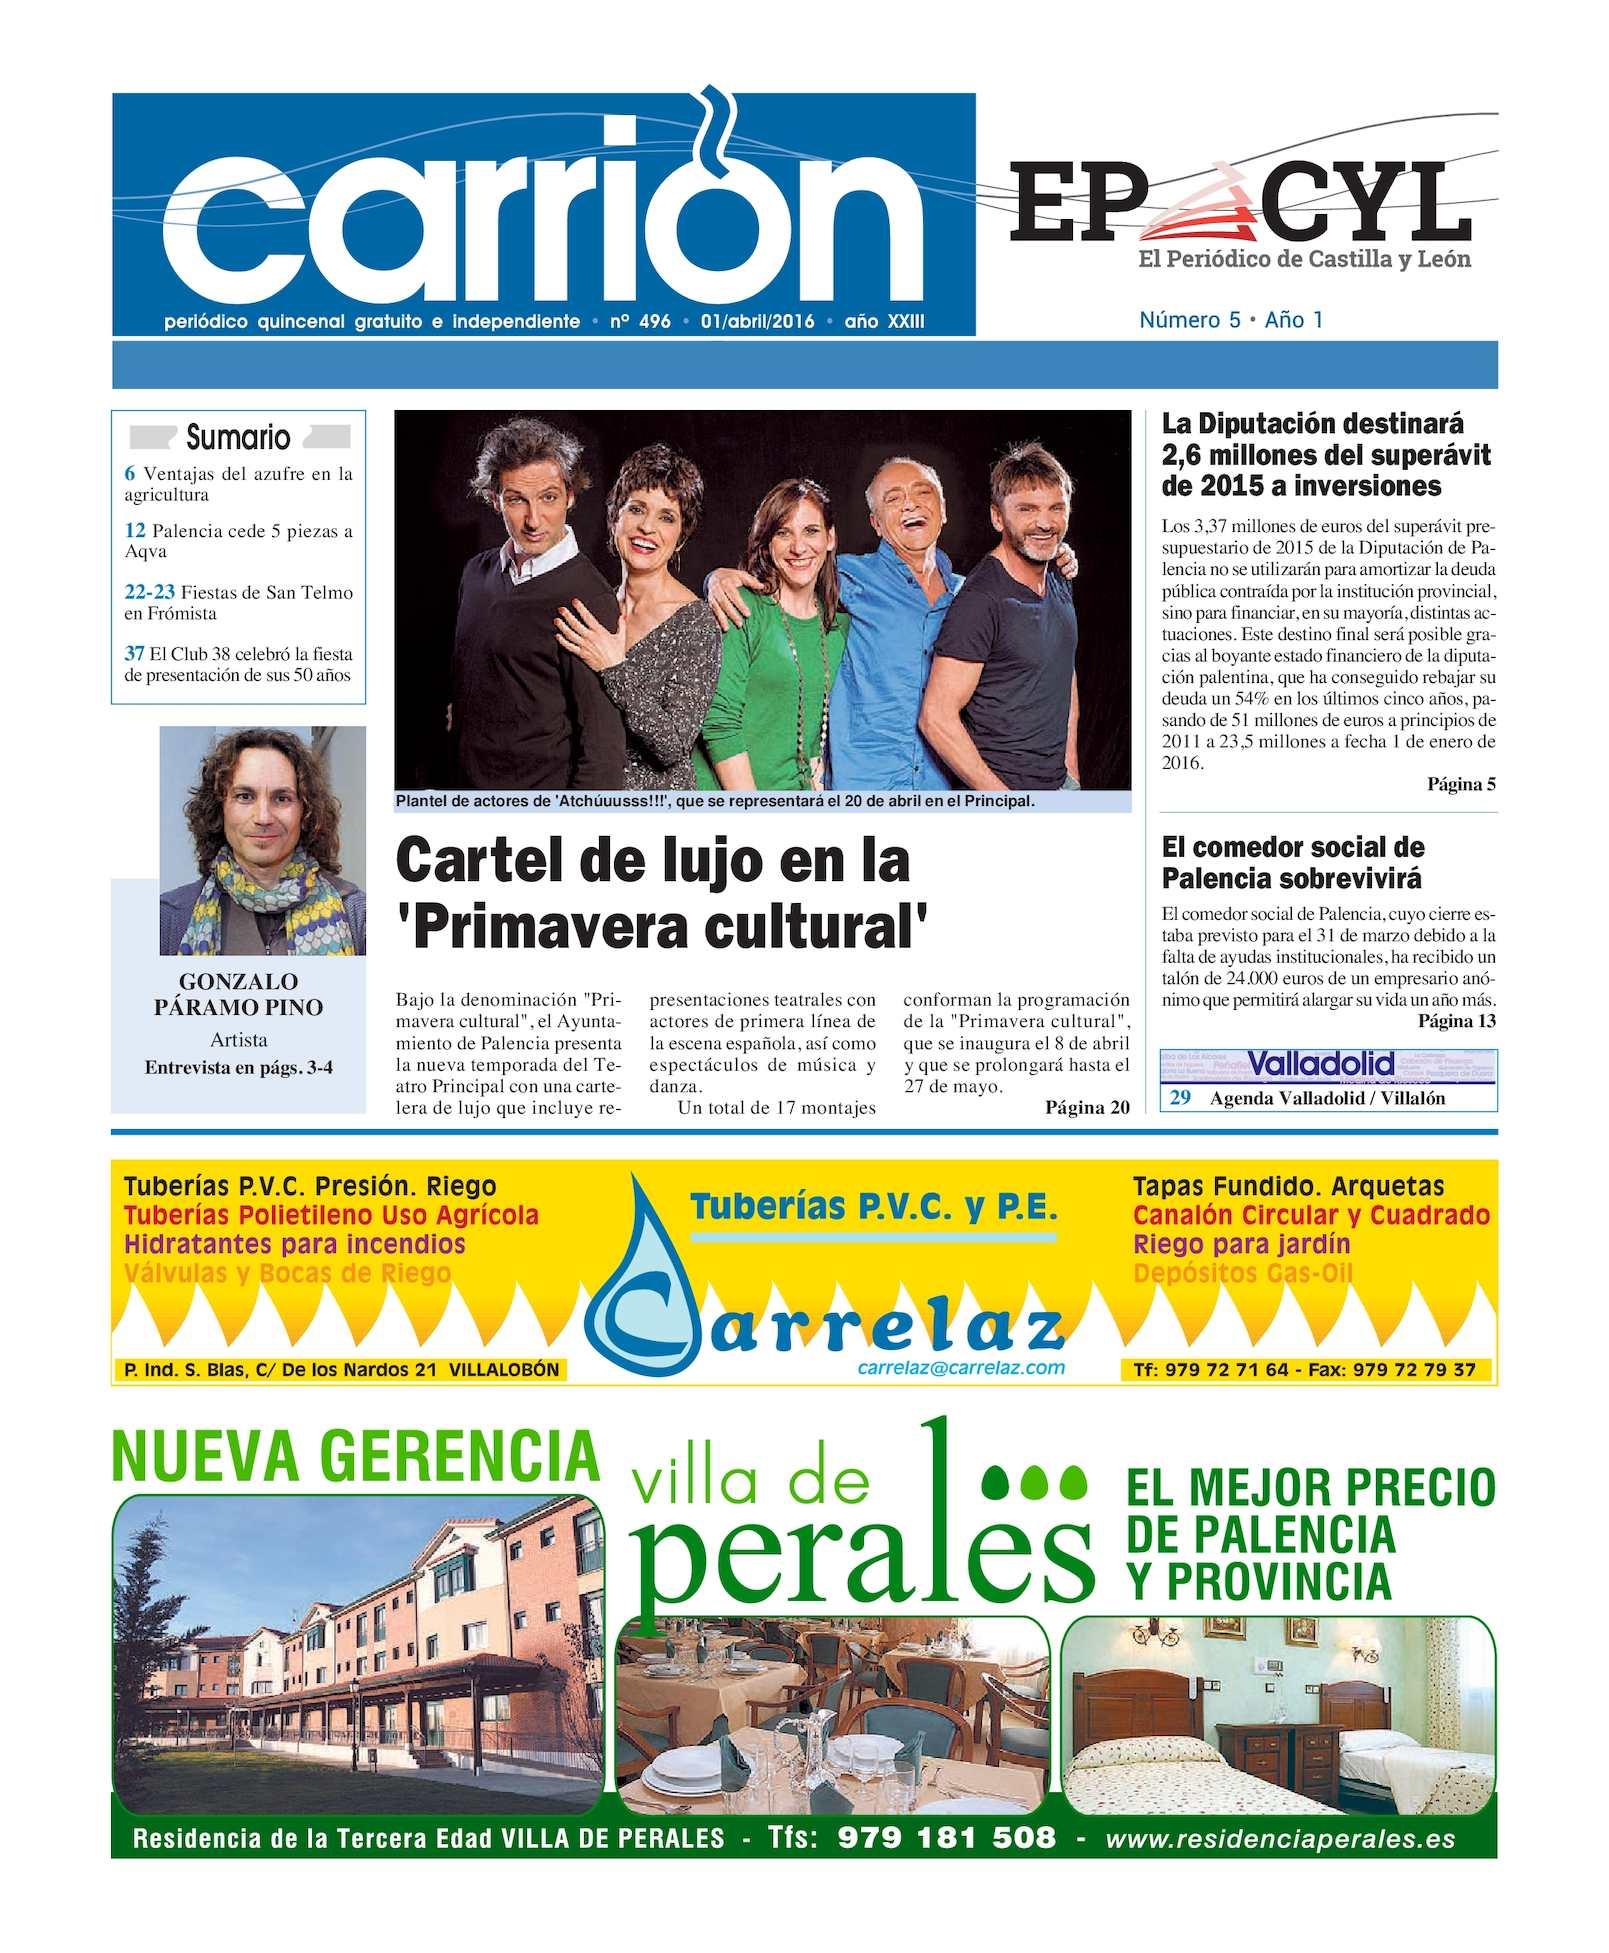 Calaméo - N5 - Carrión - EPCYL 580e17980a4